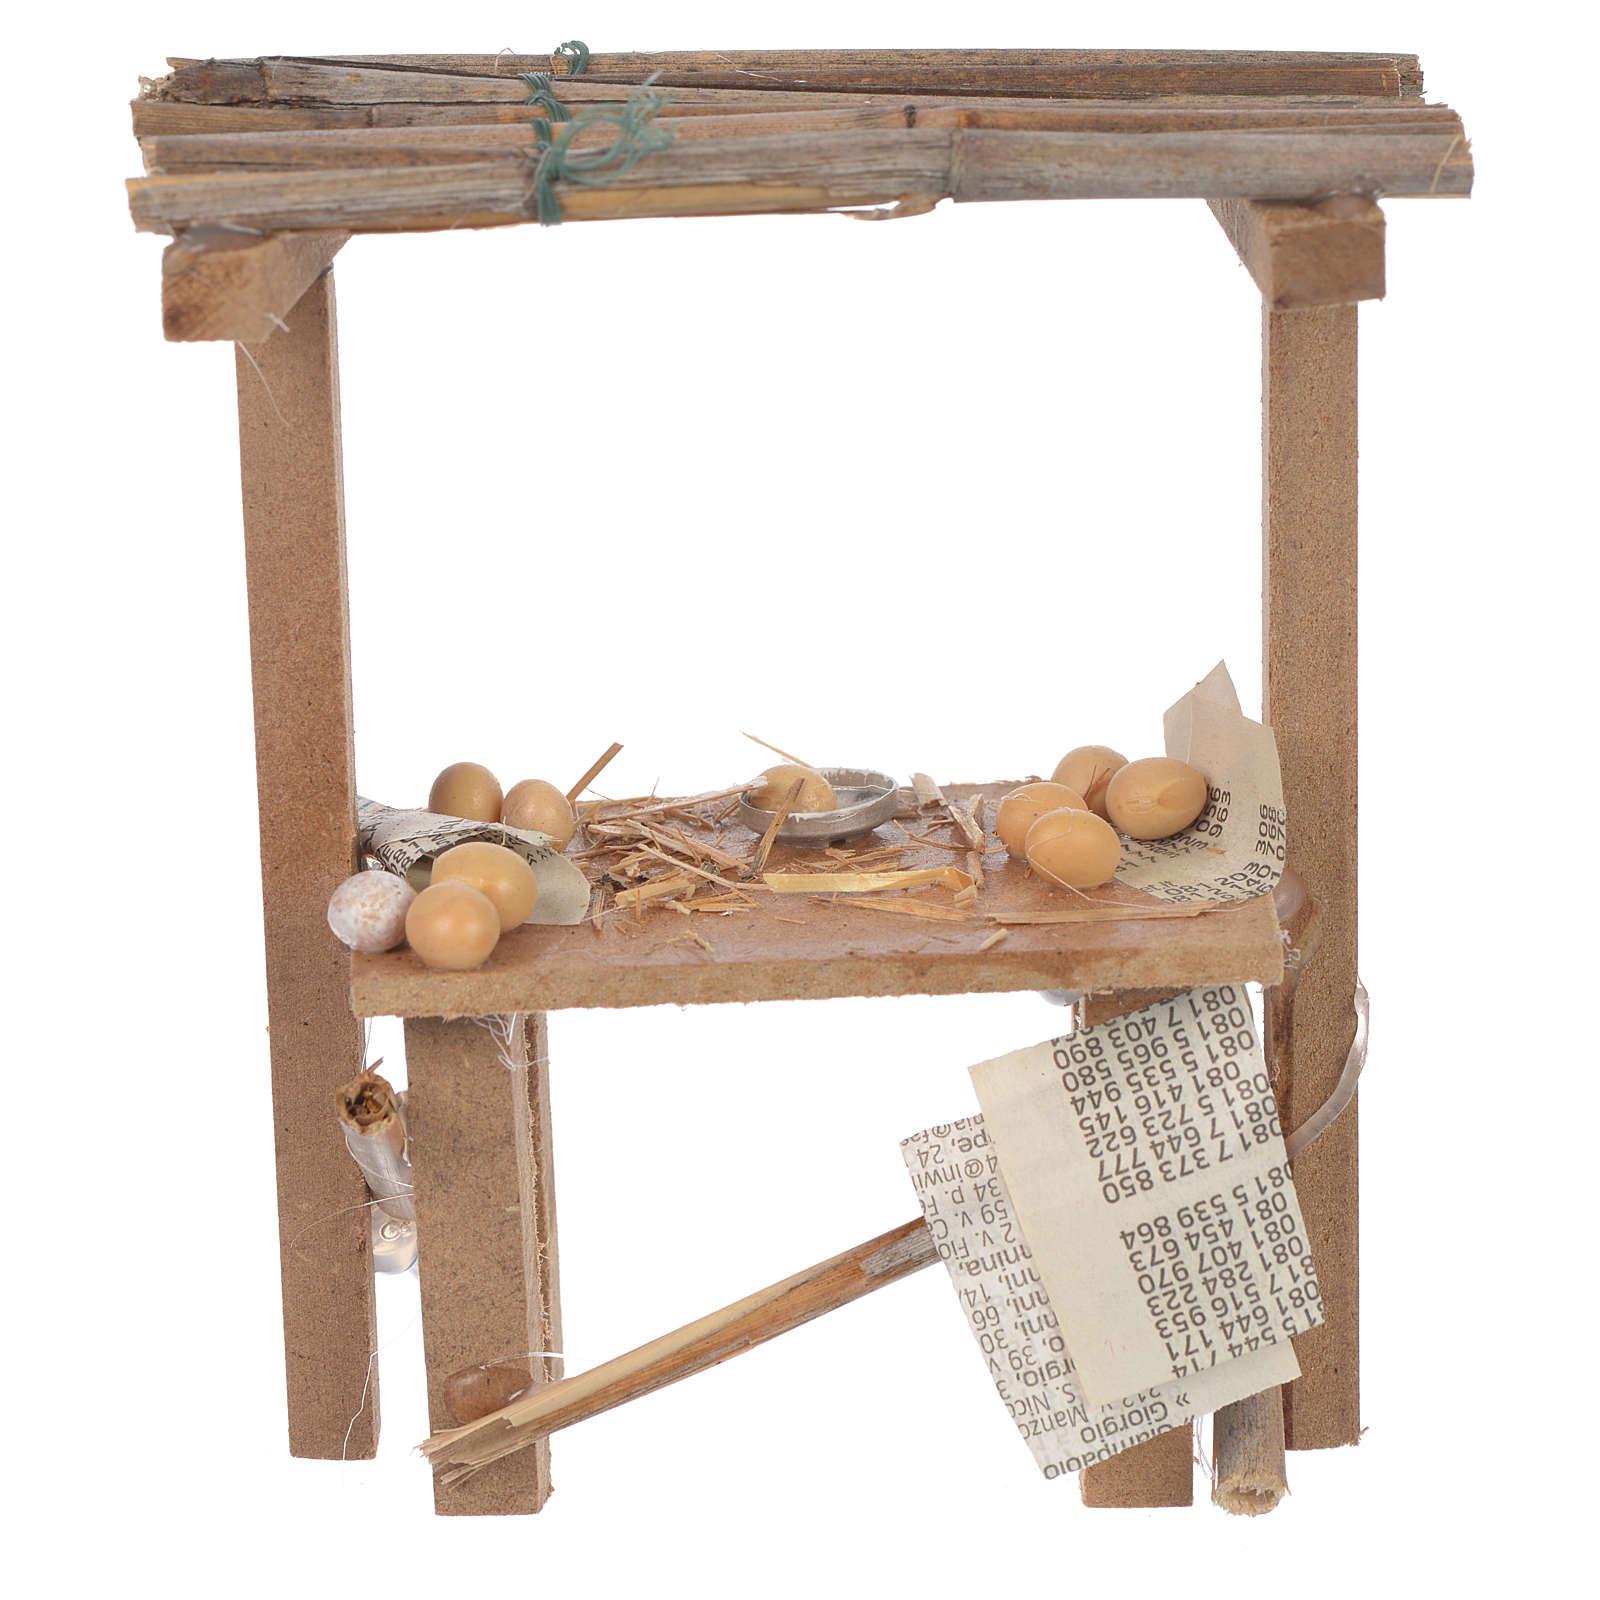 Banco legno uova cera presepe 9x10x4,5 cm 4